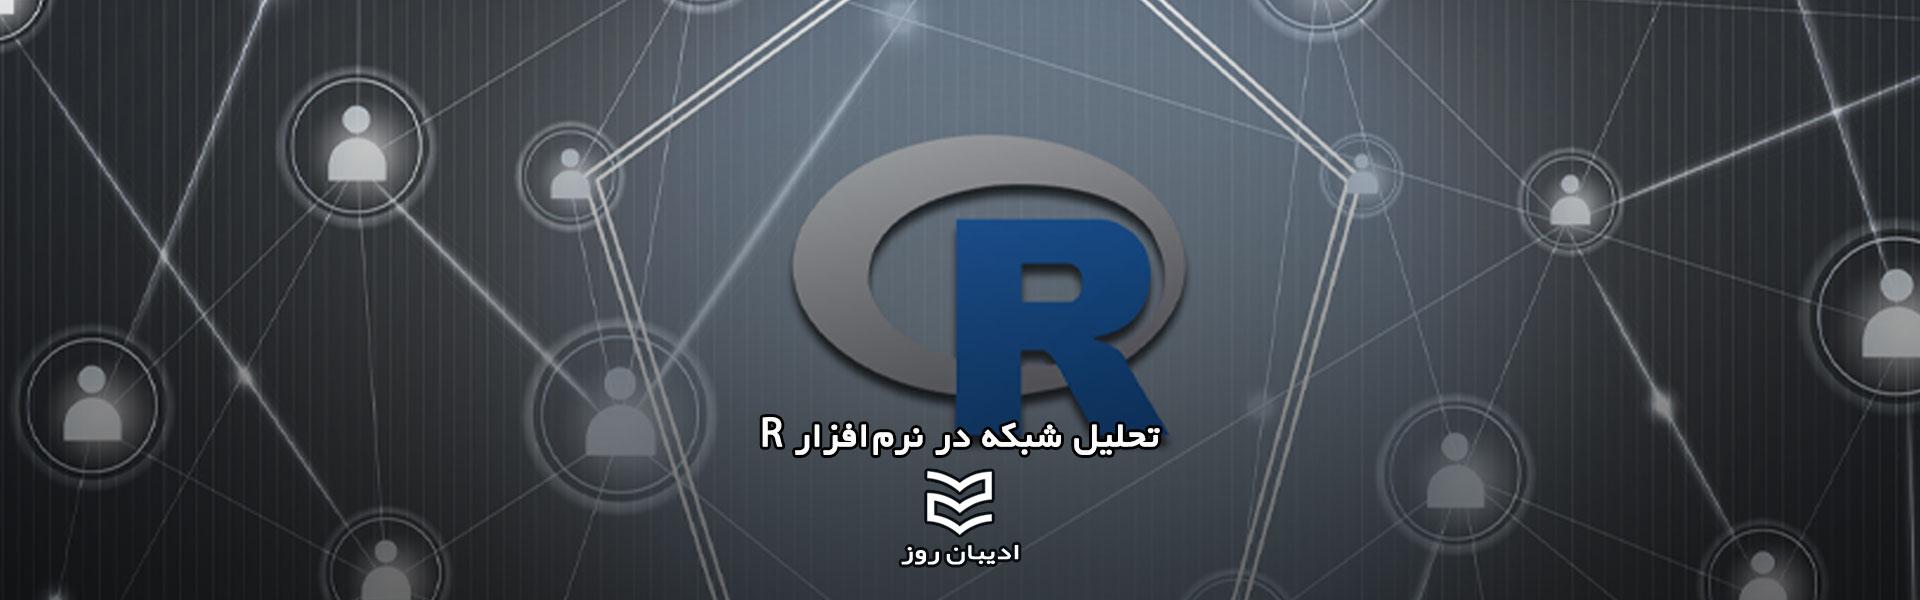 تحلیل شبکه در نرم افزار R